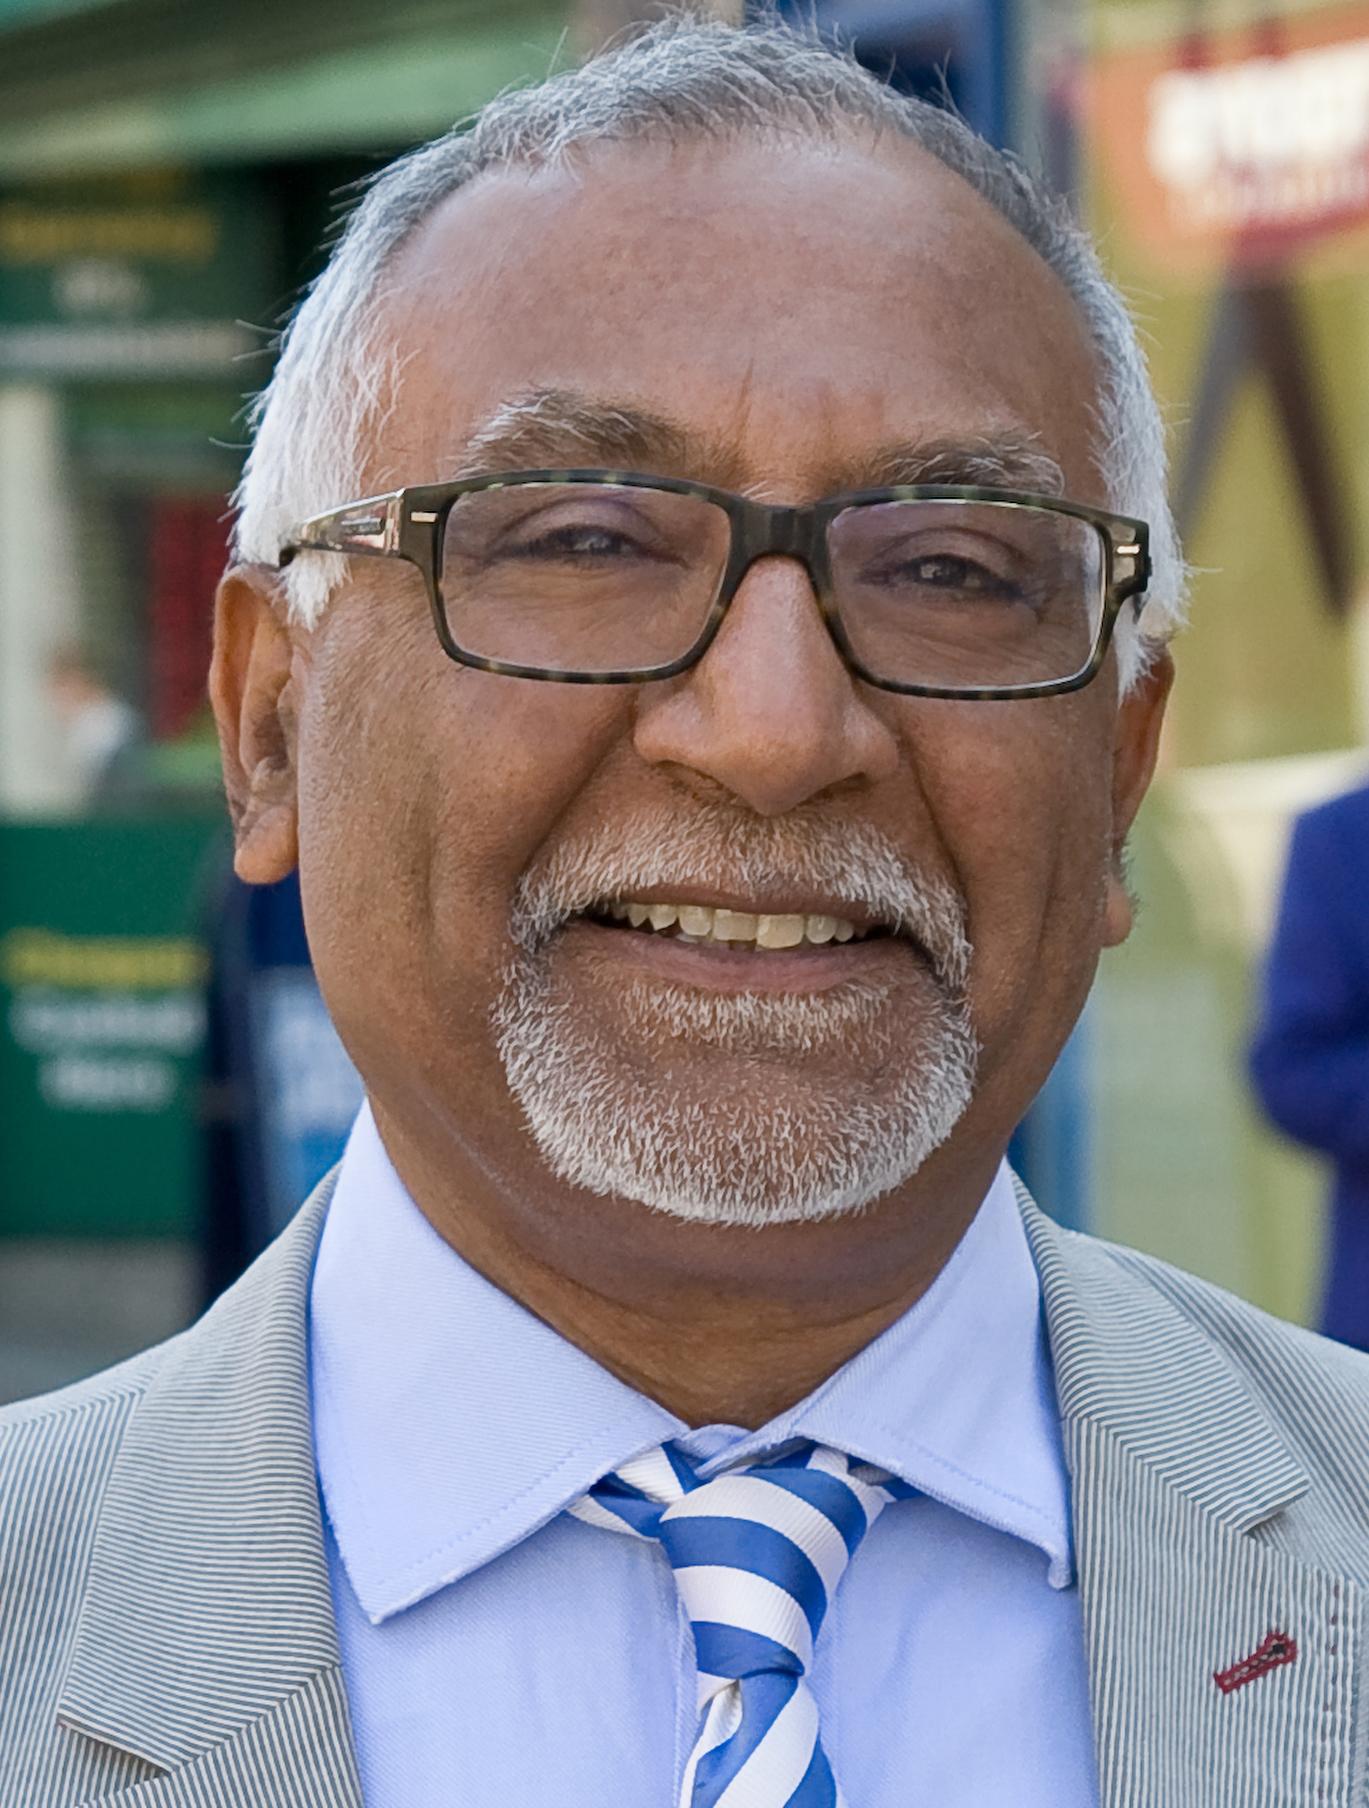 Amjad Bashir MEP